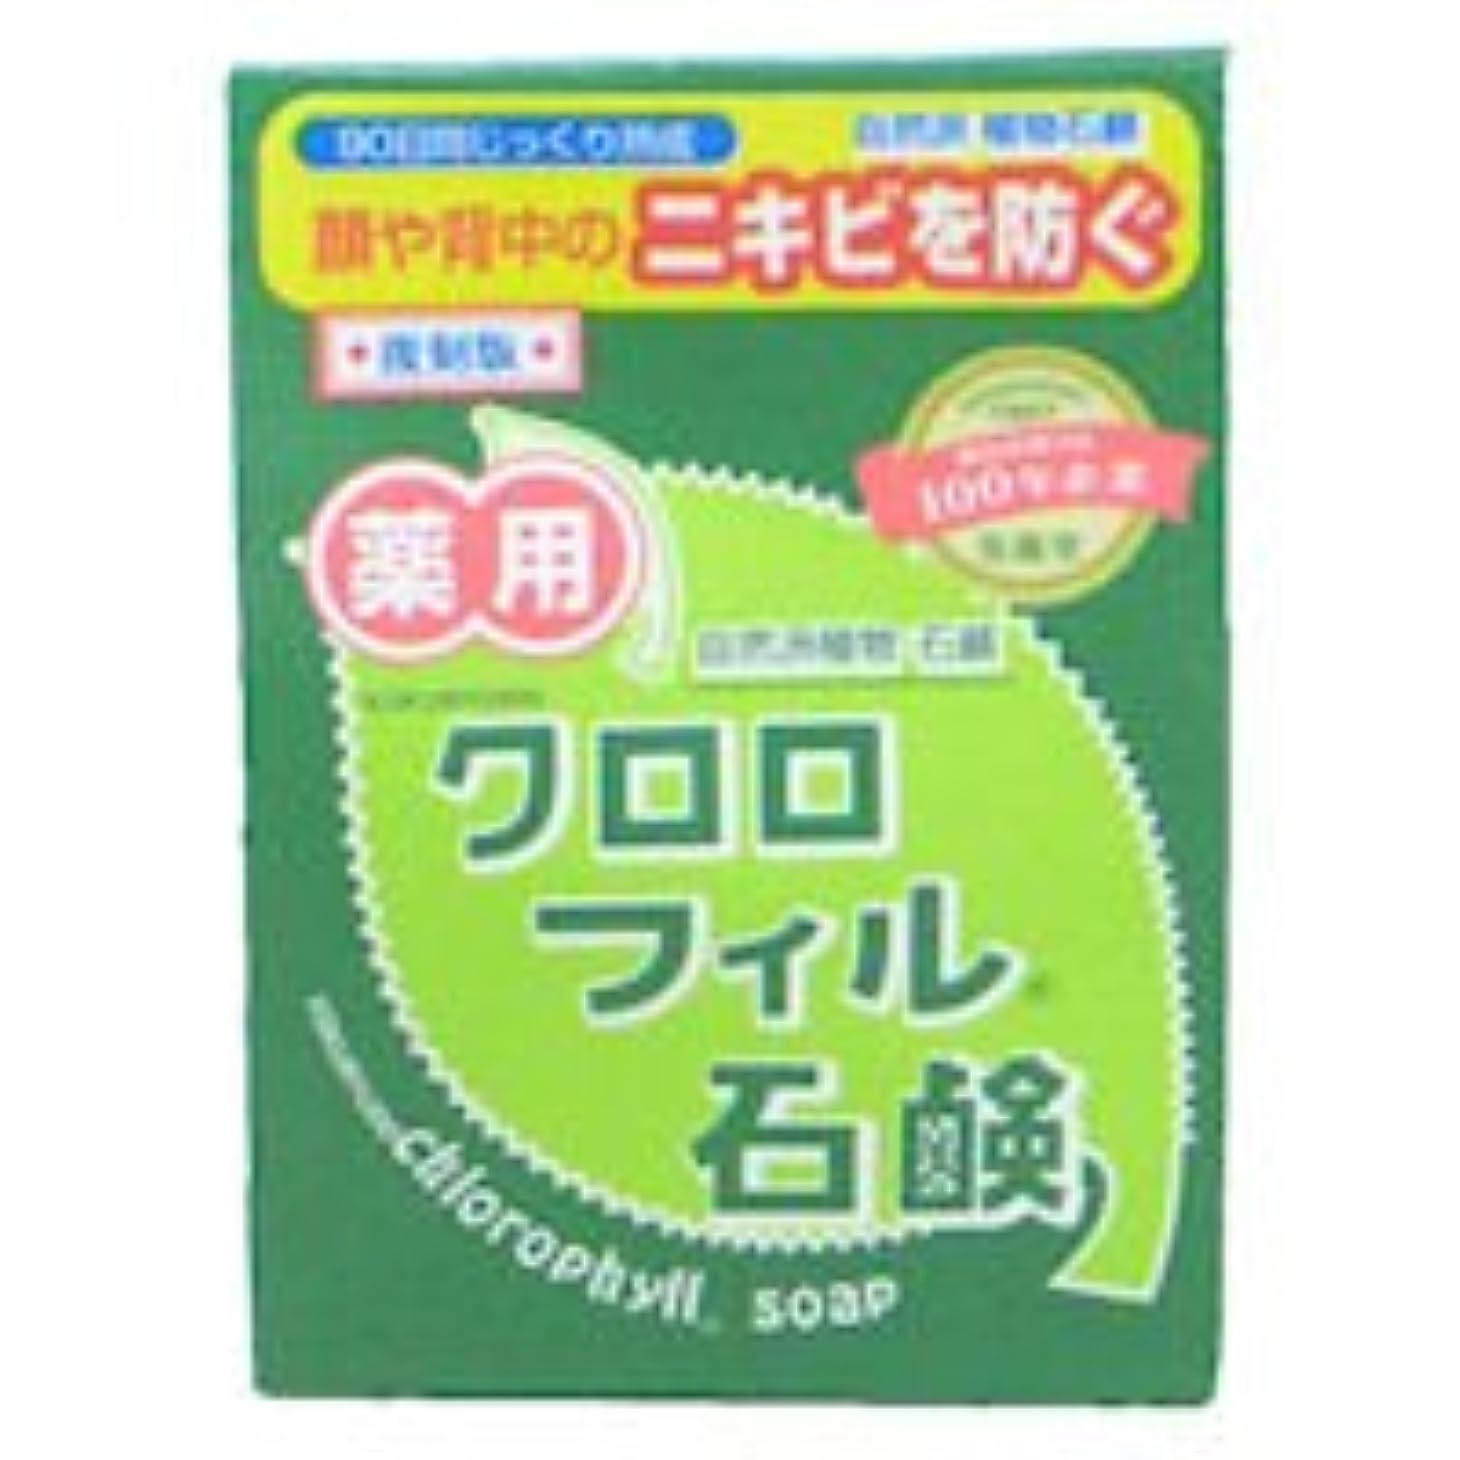 【黒龍堂】薬用 クロロフィル石鹸 85g